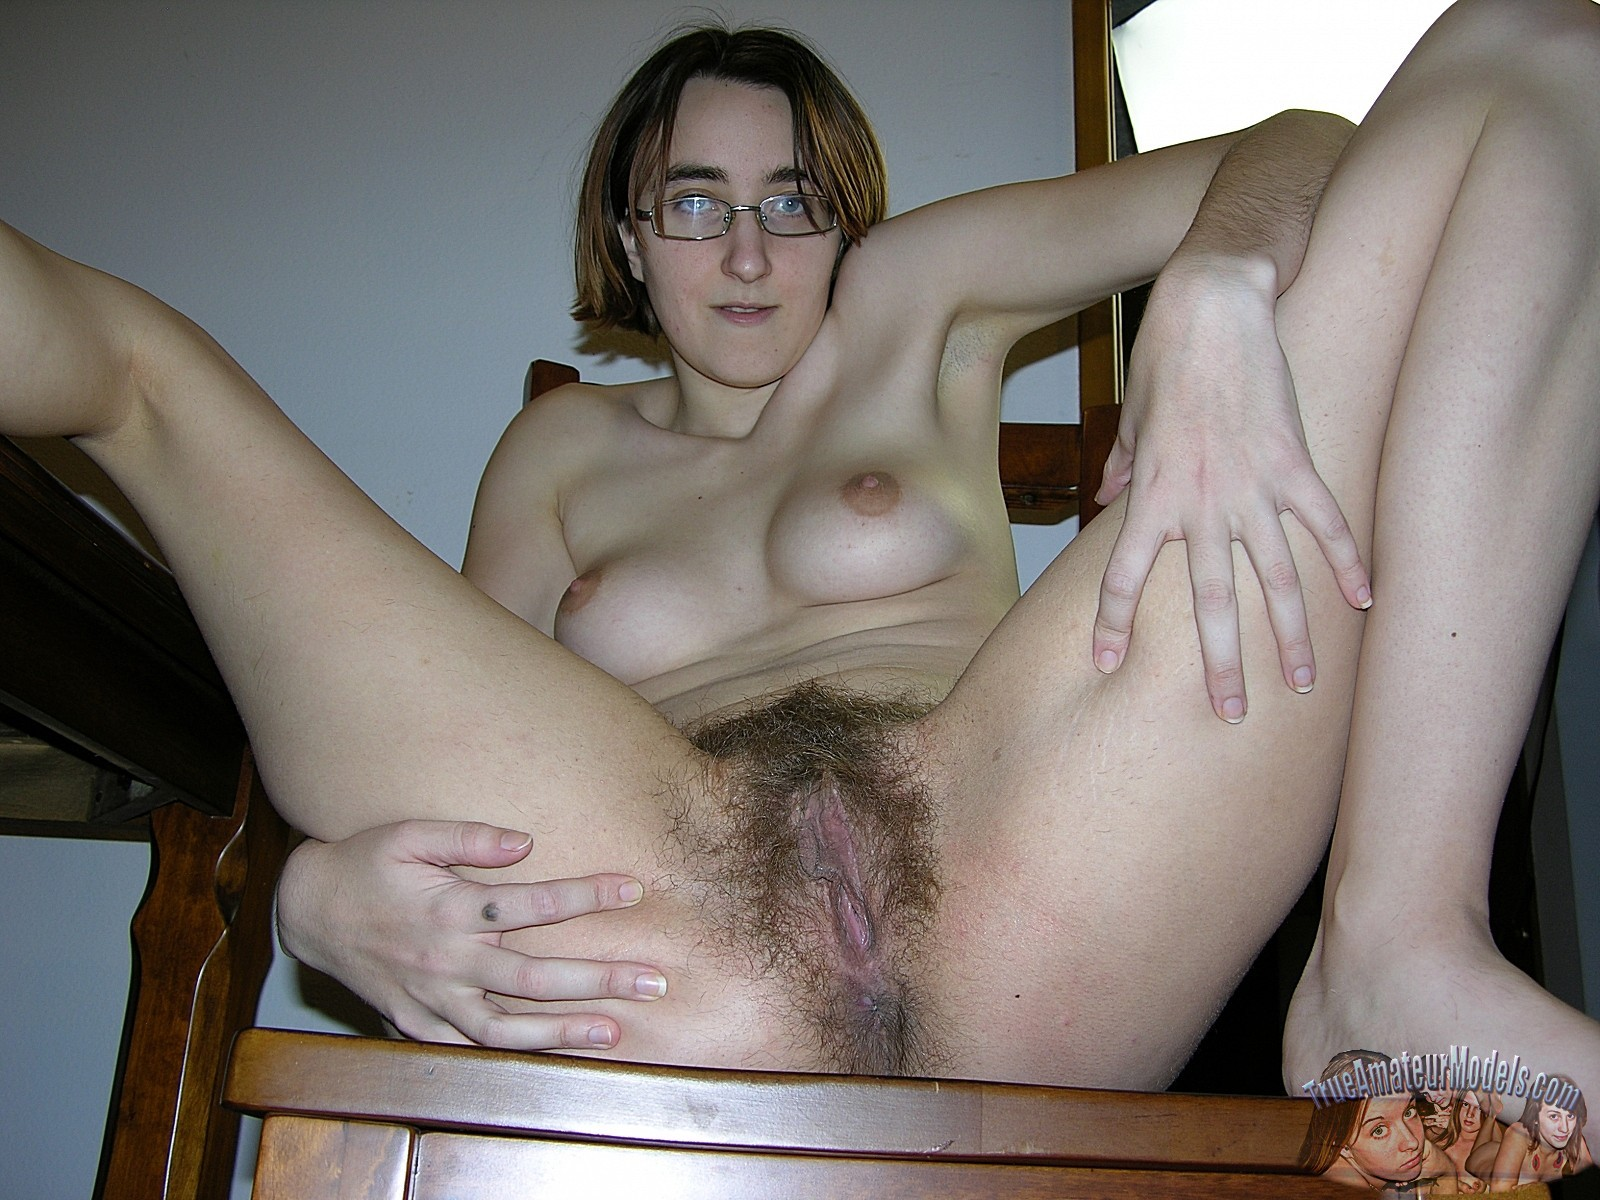 У очкастой телочки классные волосатые дырки, она показывает их и идет принимать ванну